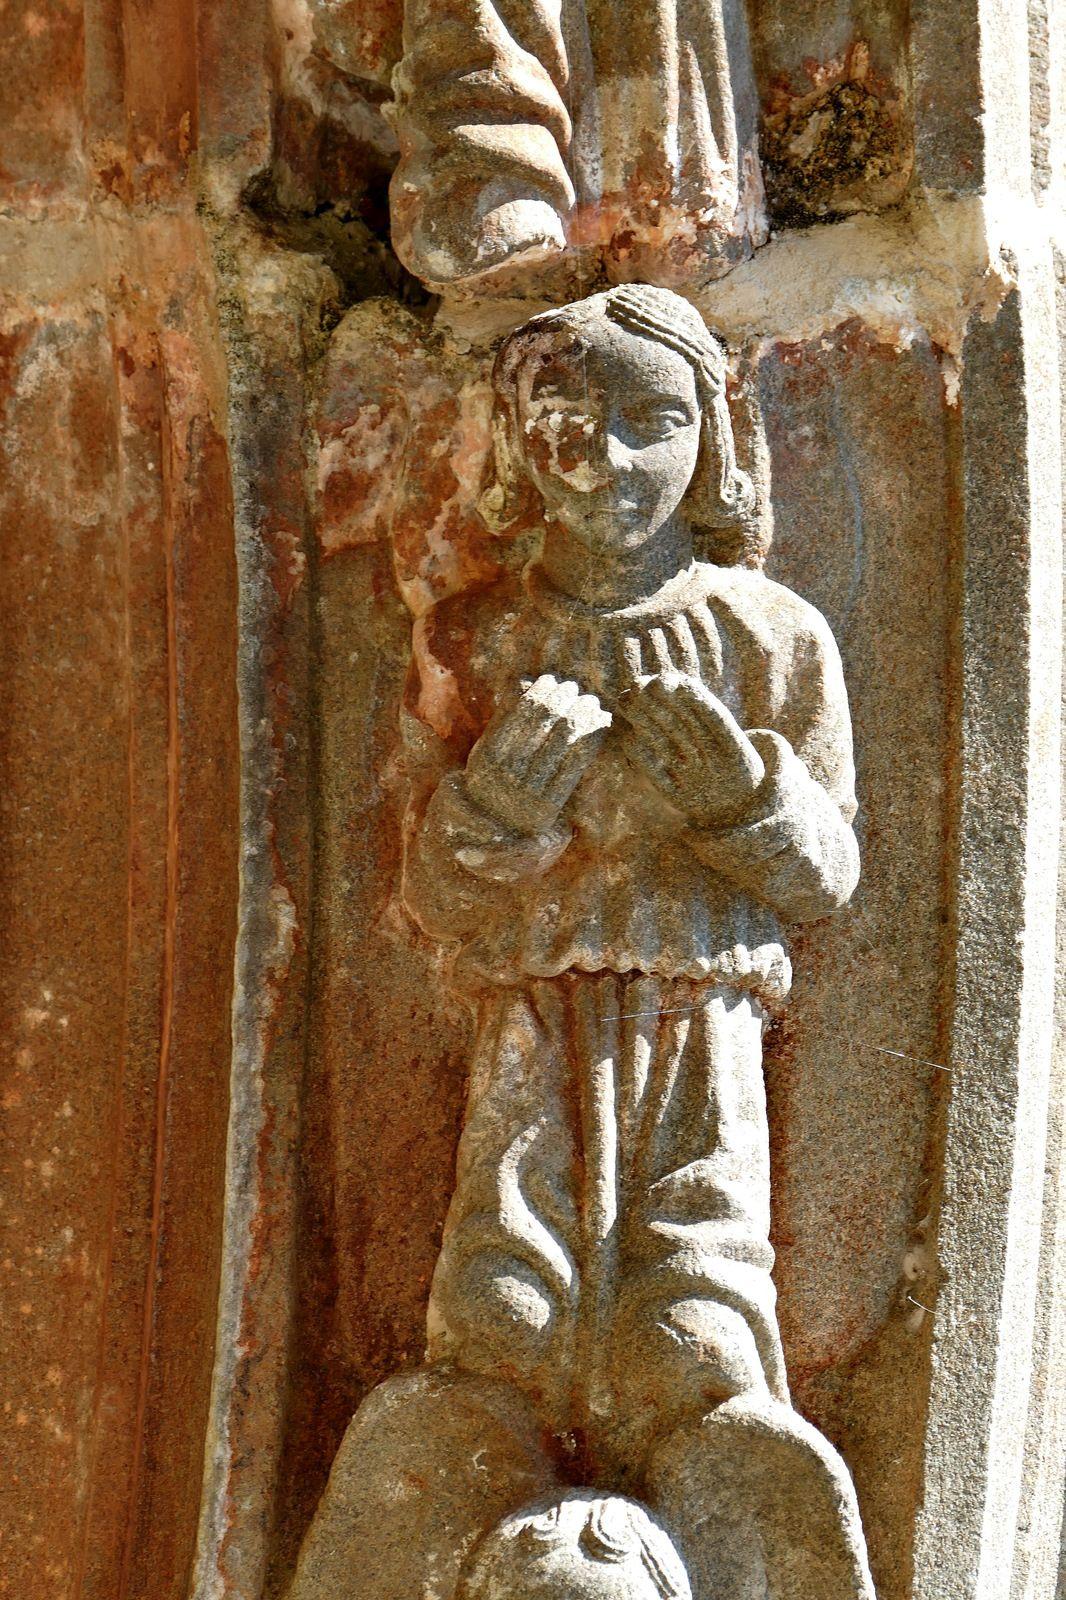 Voussures (kersanton, traces de  polychromie, Prigent v.1553) du porche sud de Pencran. Photographie lavieb-aile.